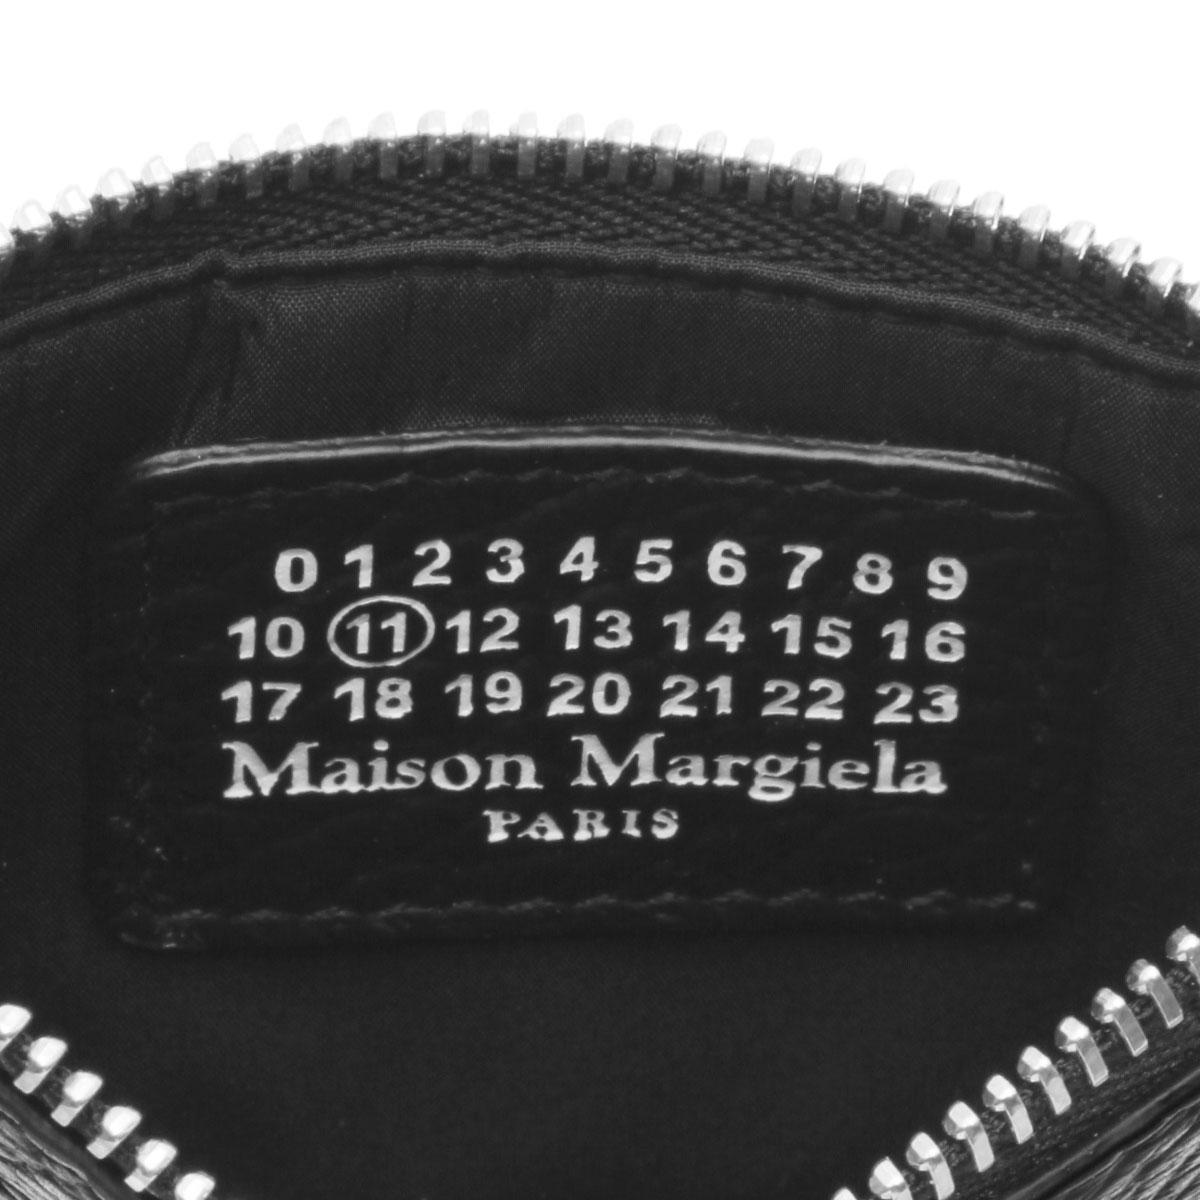 MAISON MARGIELA メゾン マルジェラ   ライン11 カードケース